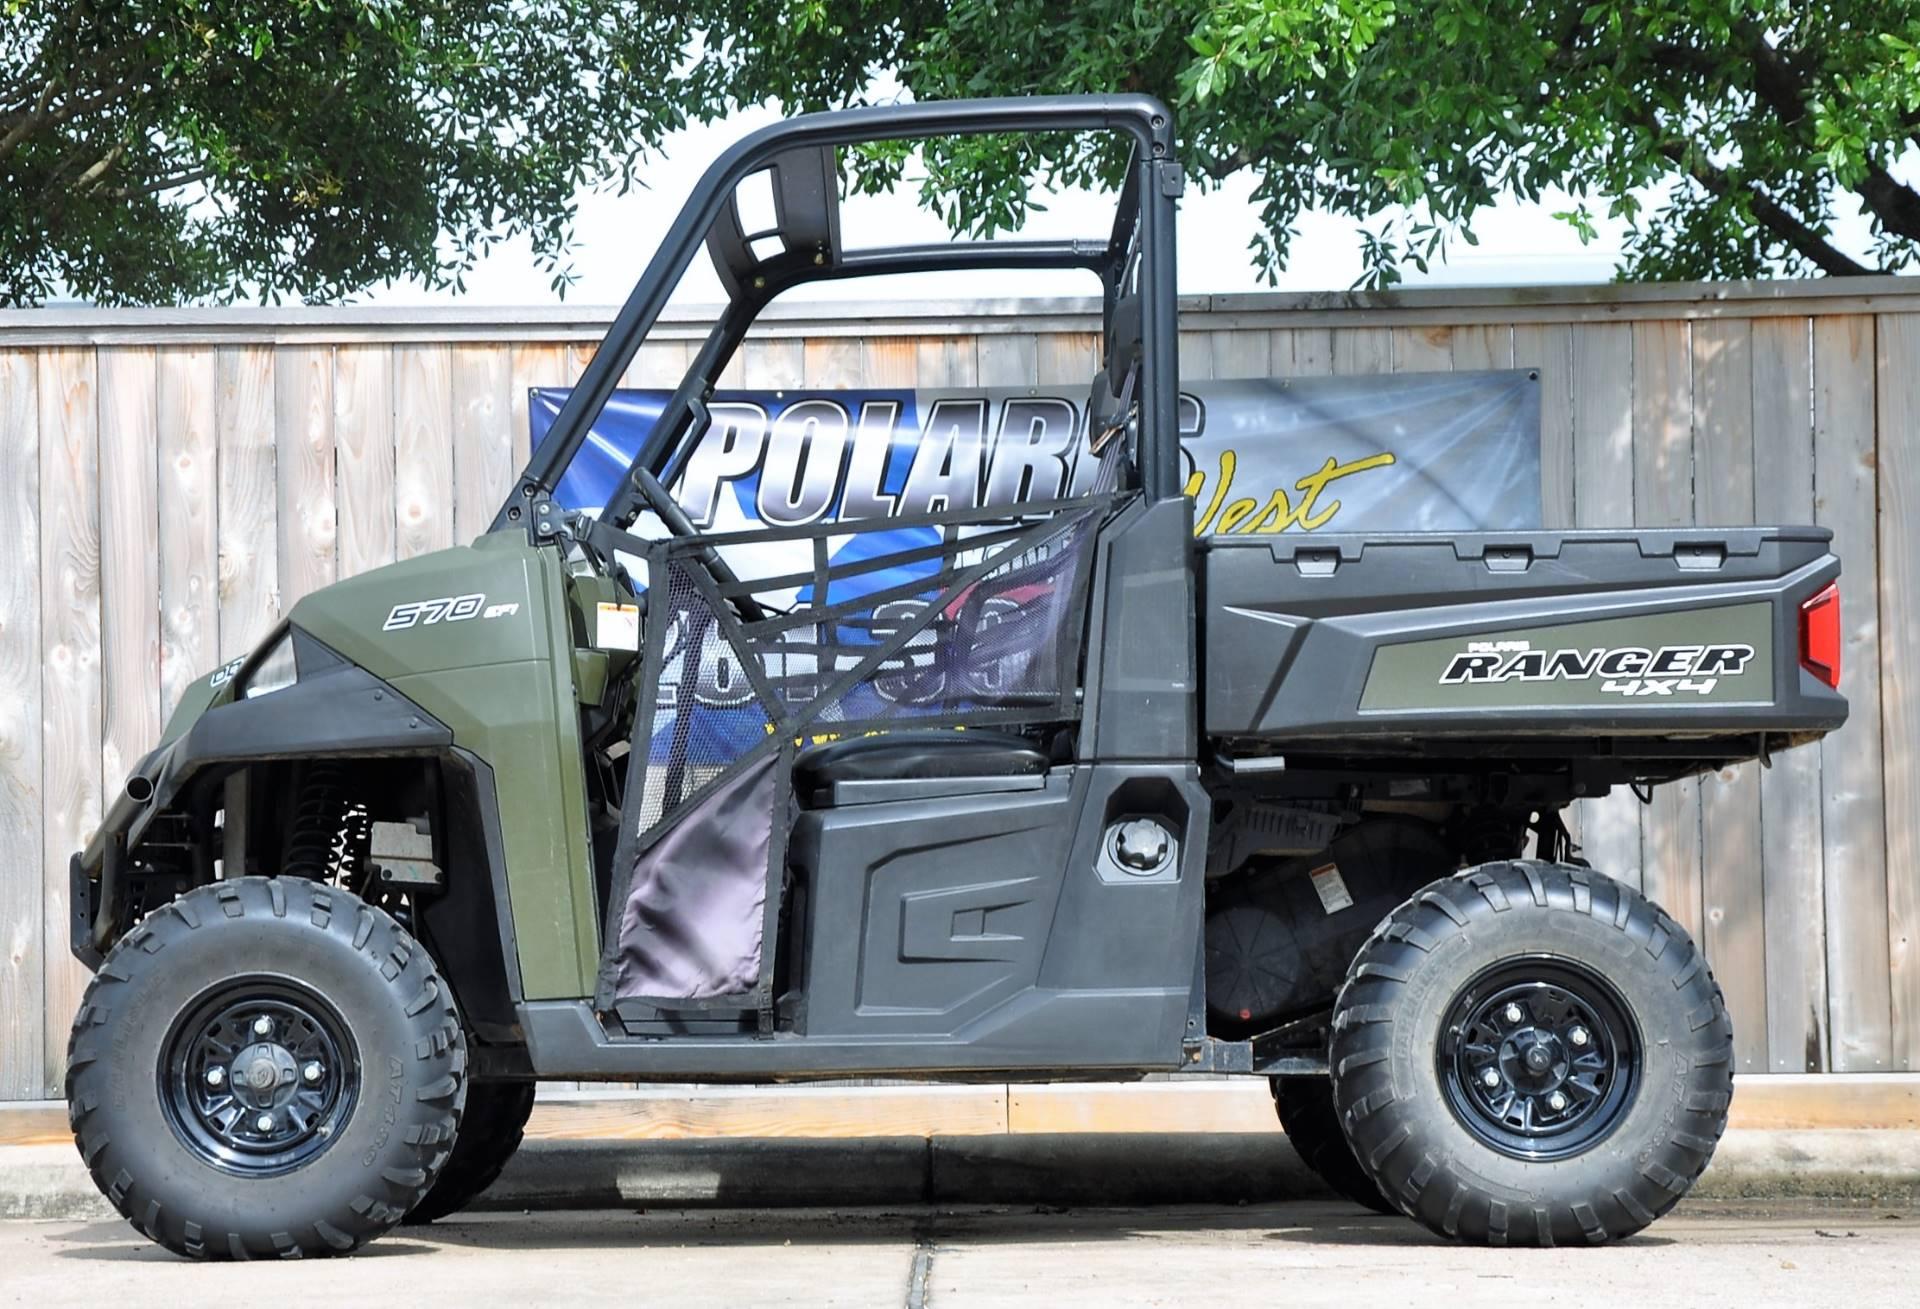 2015 Polaris Ranger570 Full Size for sale 88220